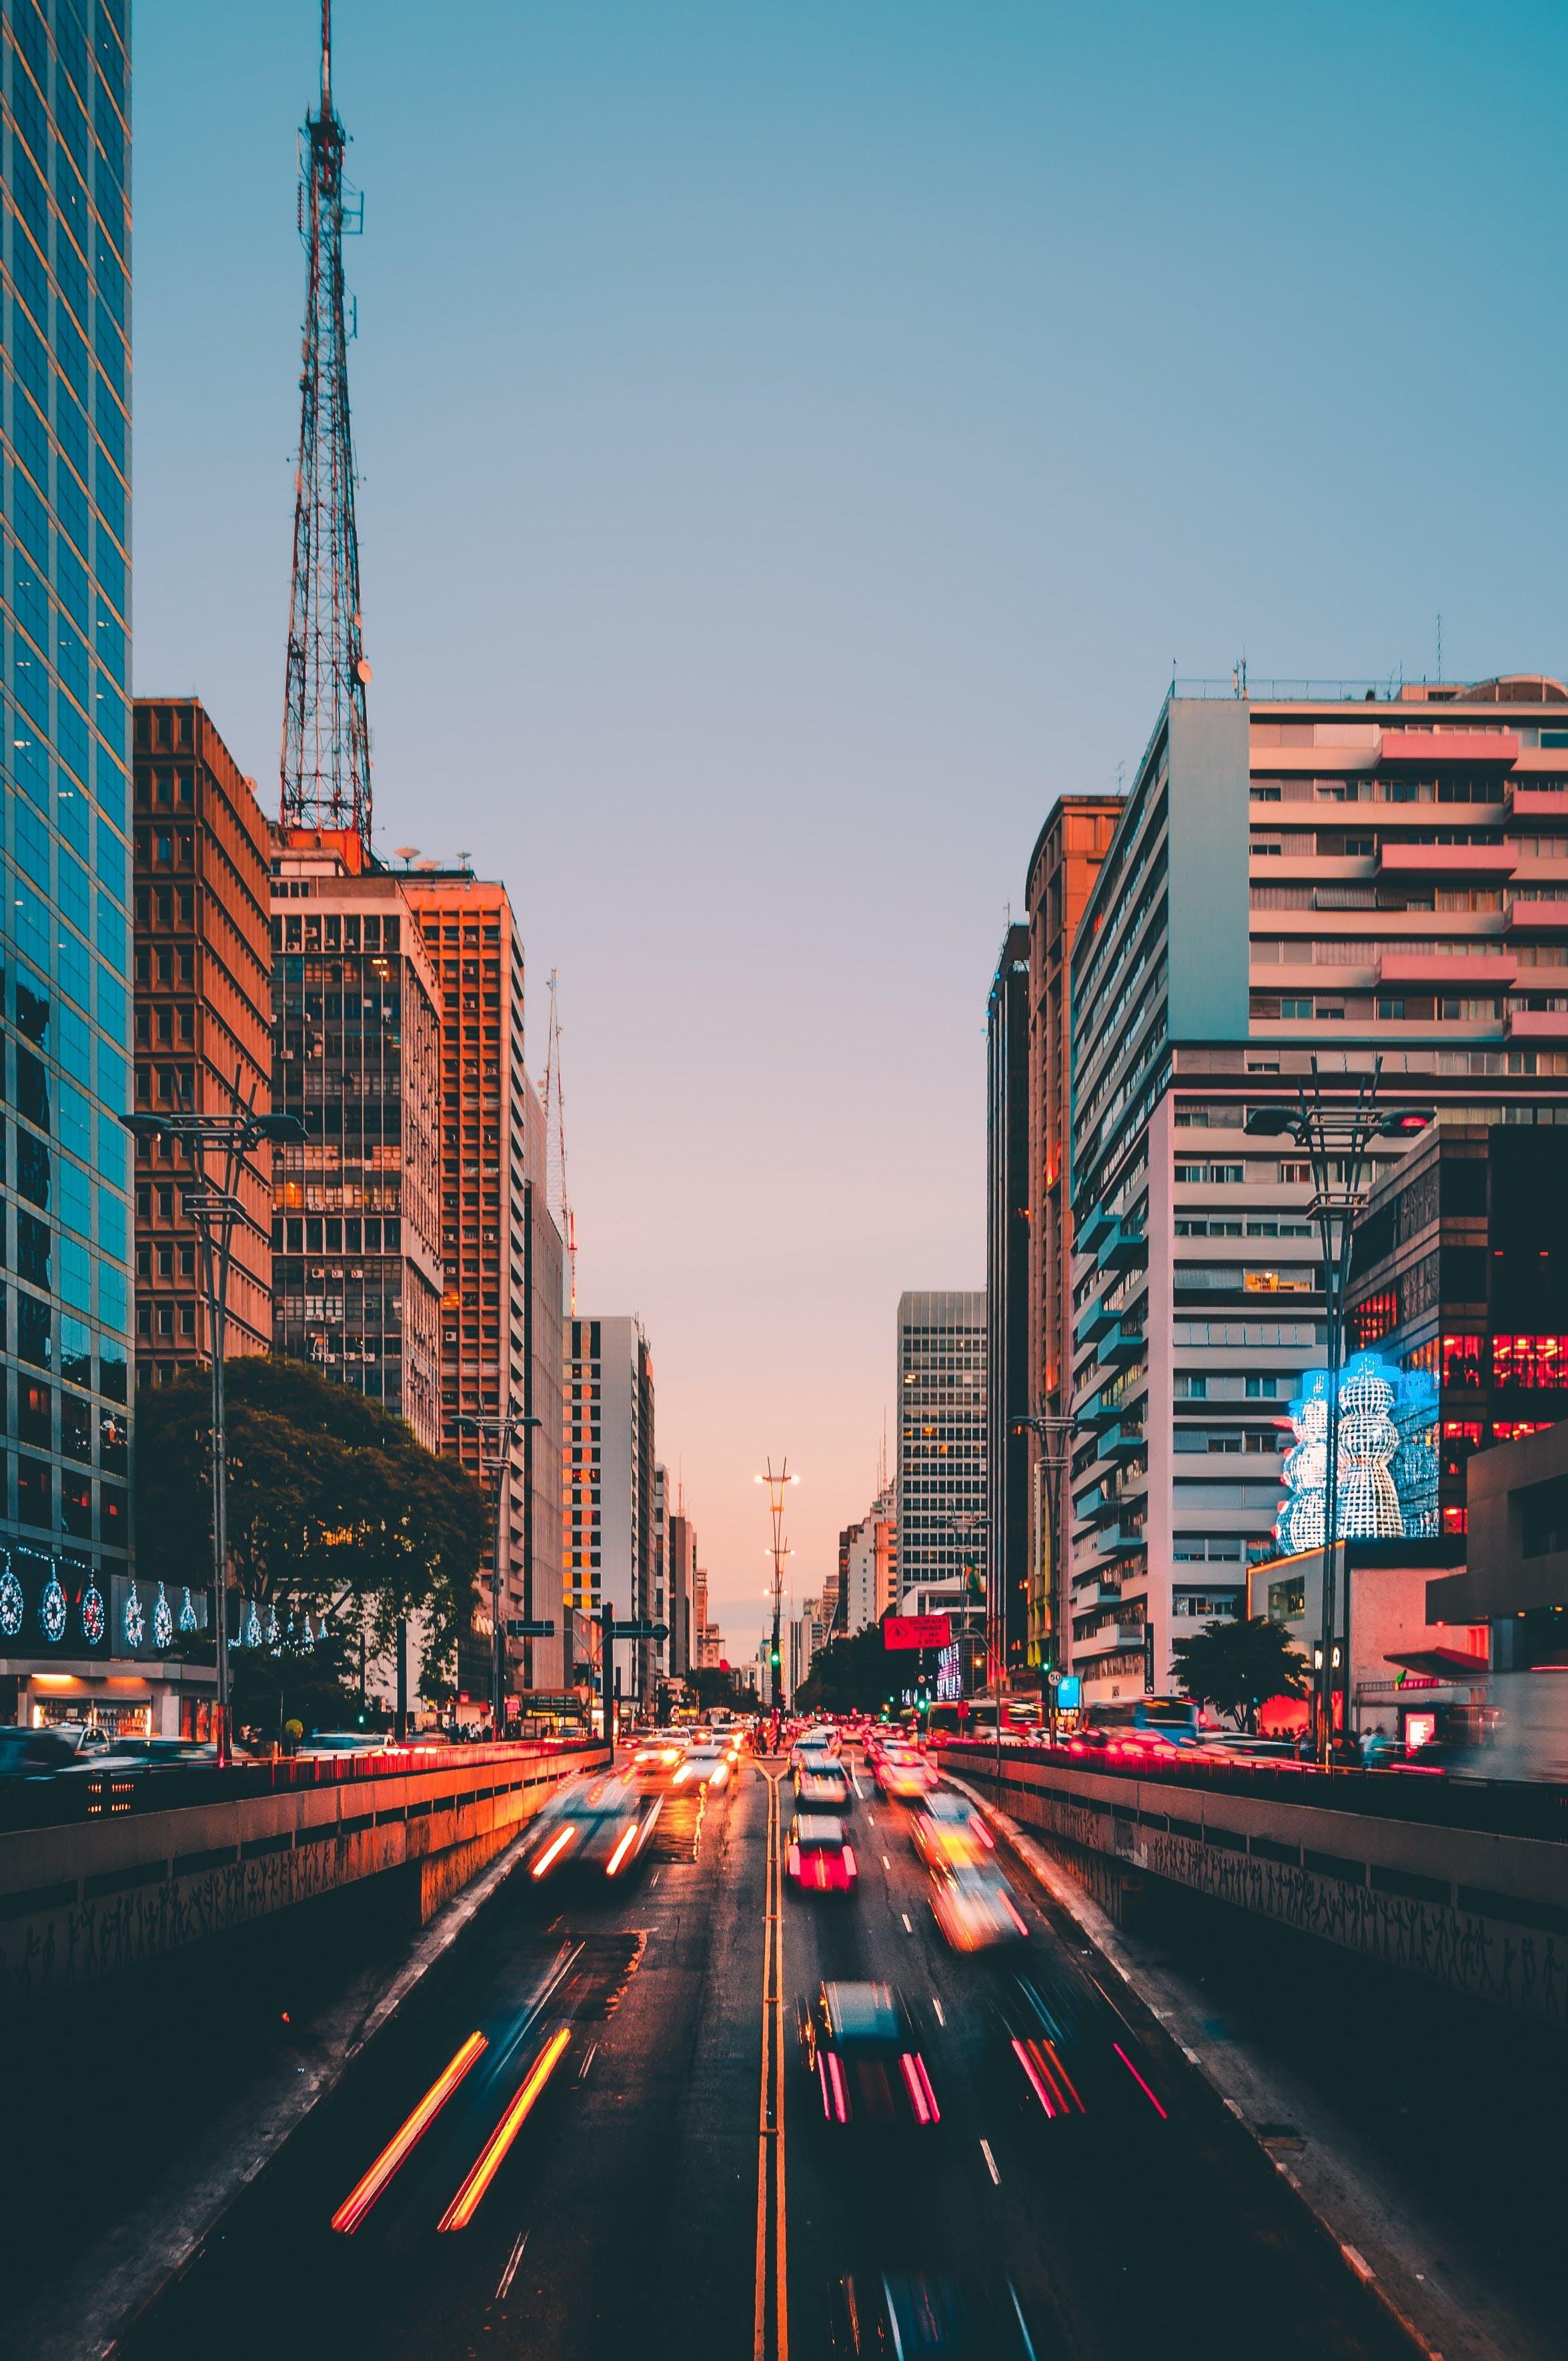 건물, 건축, 교통, 도로의 무료 스톡 사진